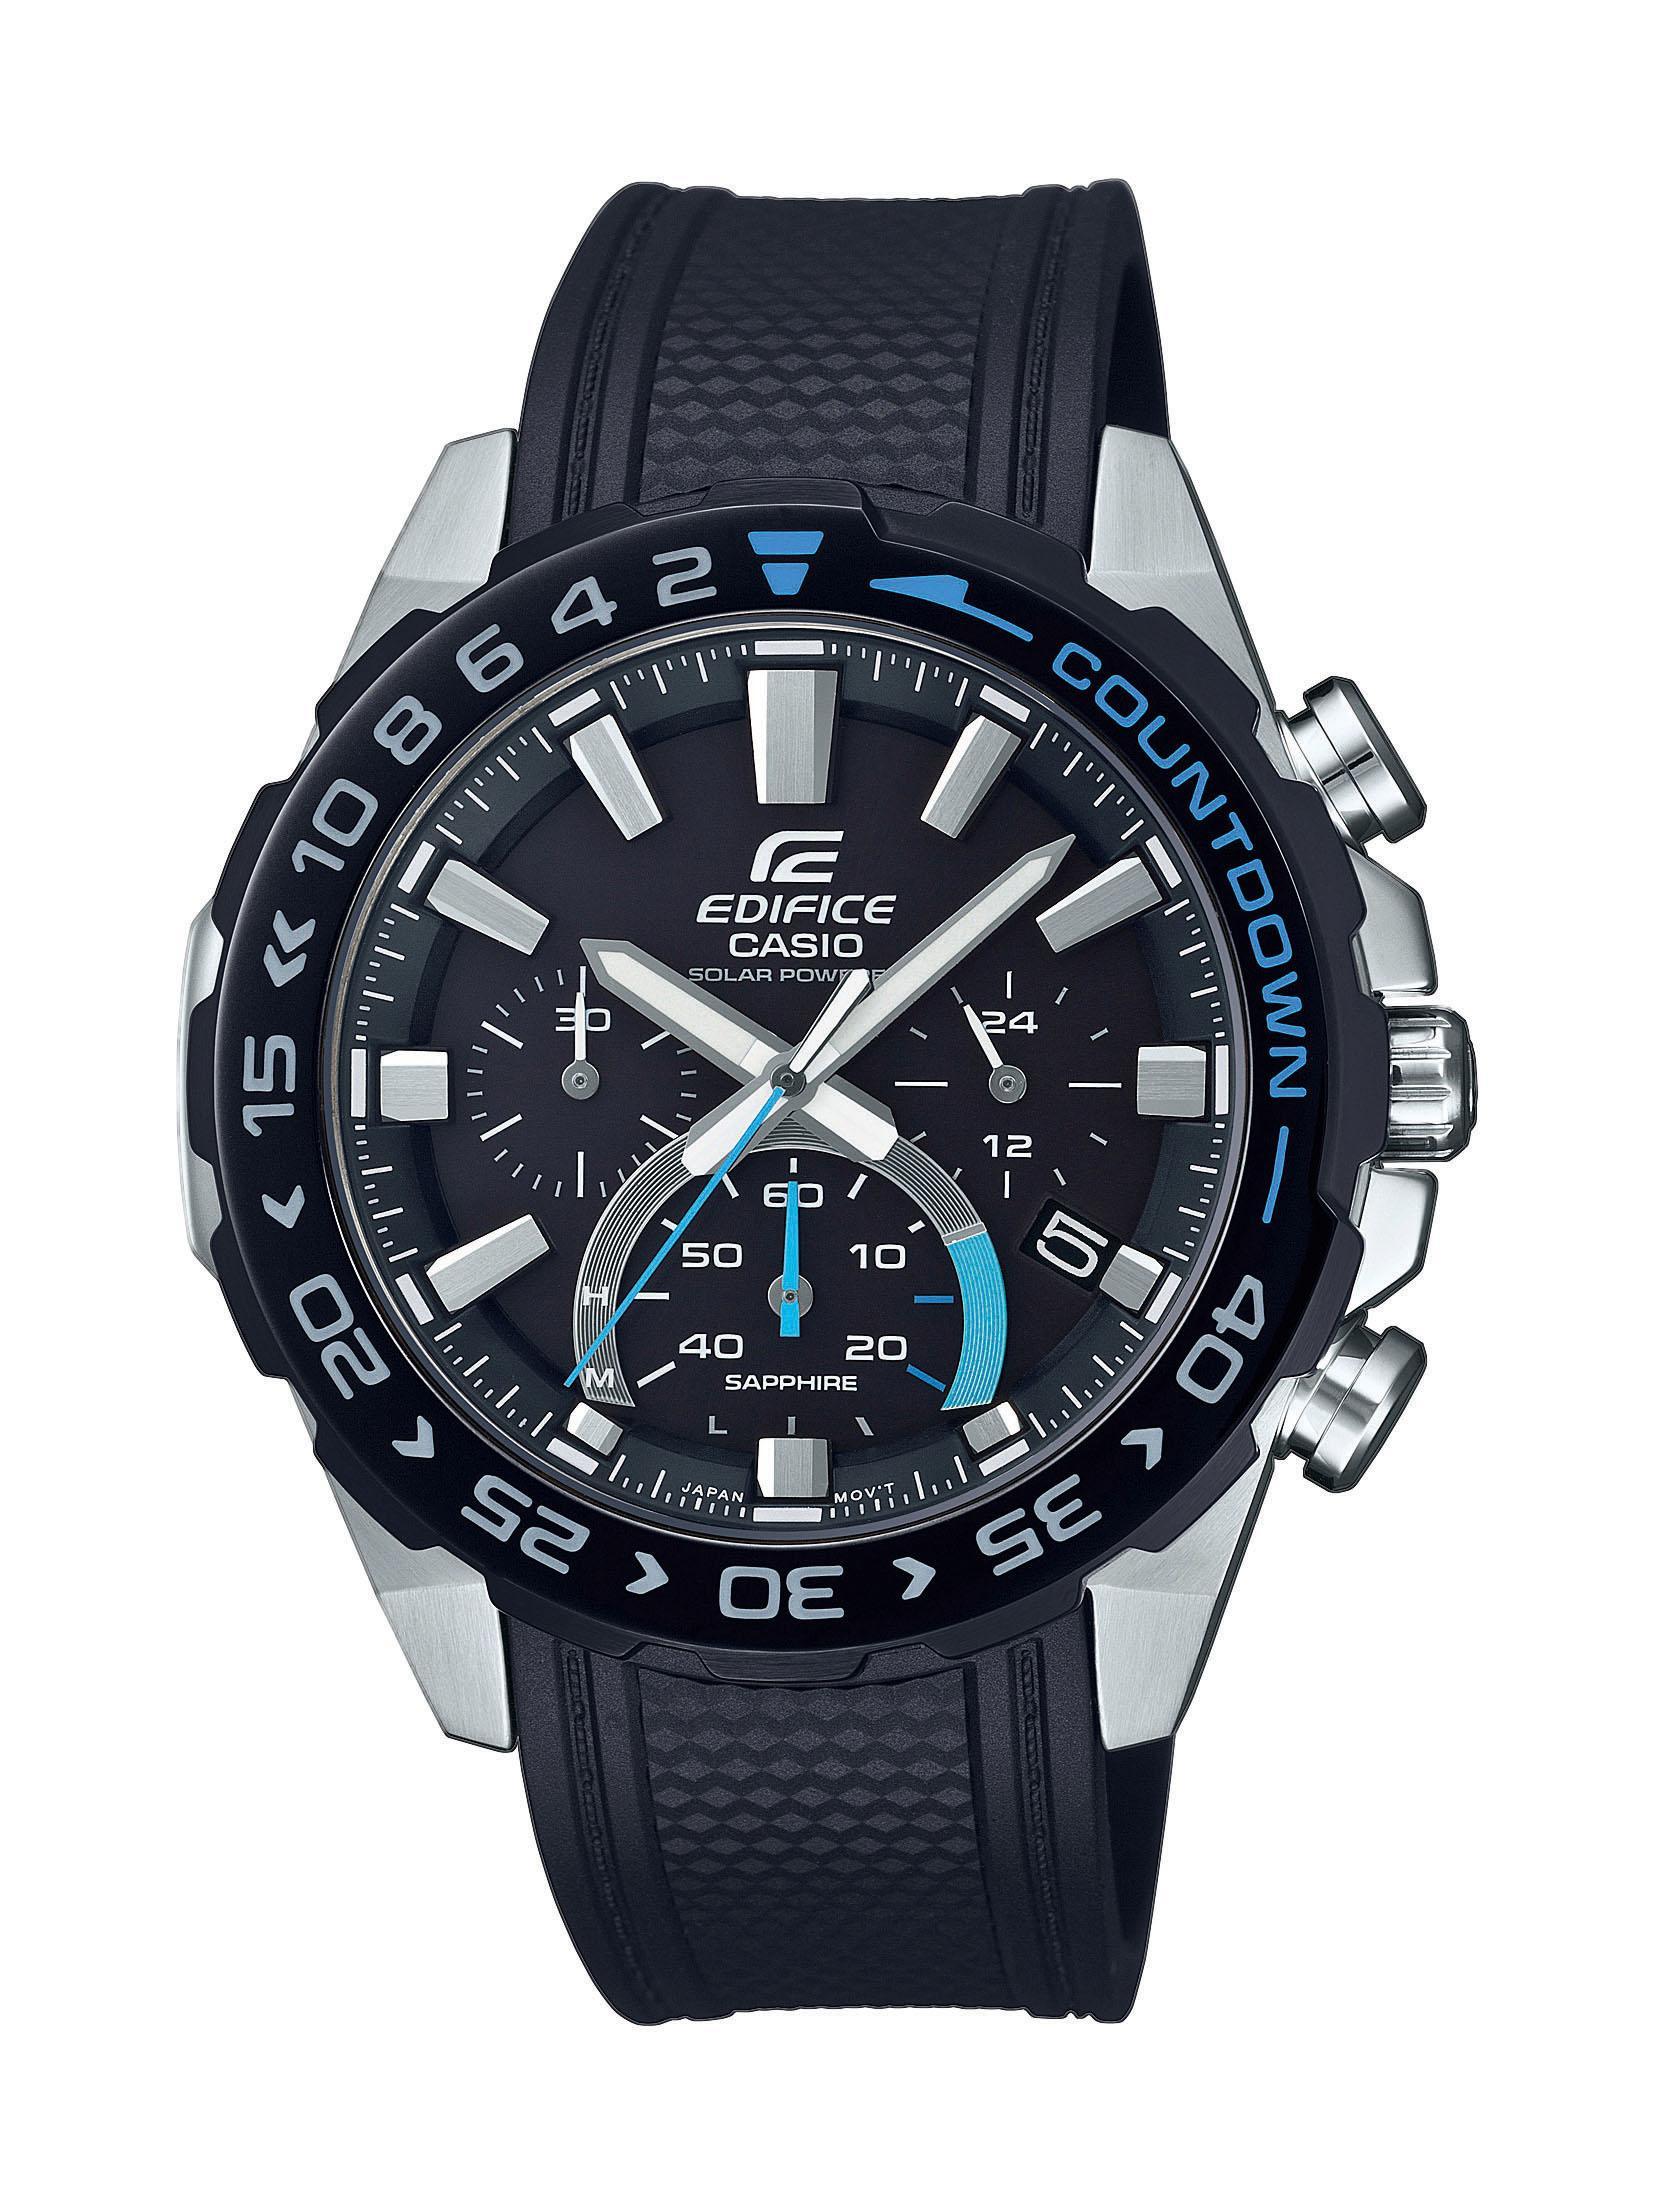 Ηλιακό Ρολόι Casio Edifice Clasic EFS-S550PB-1AVUEF